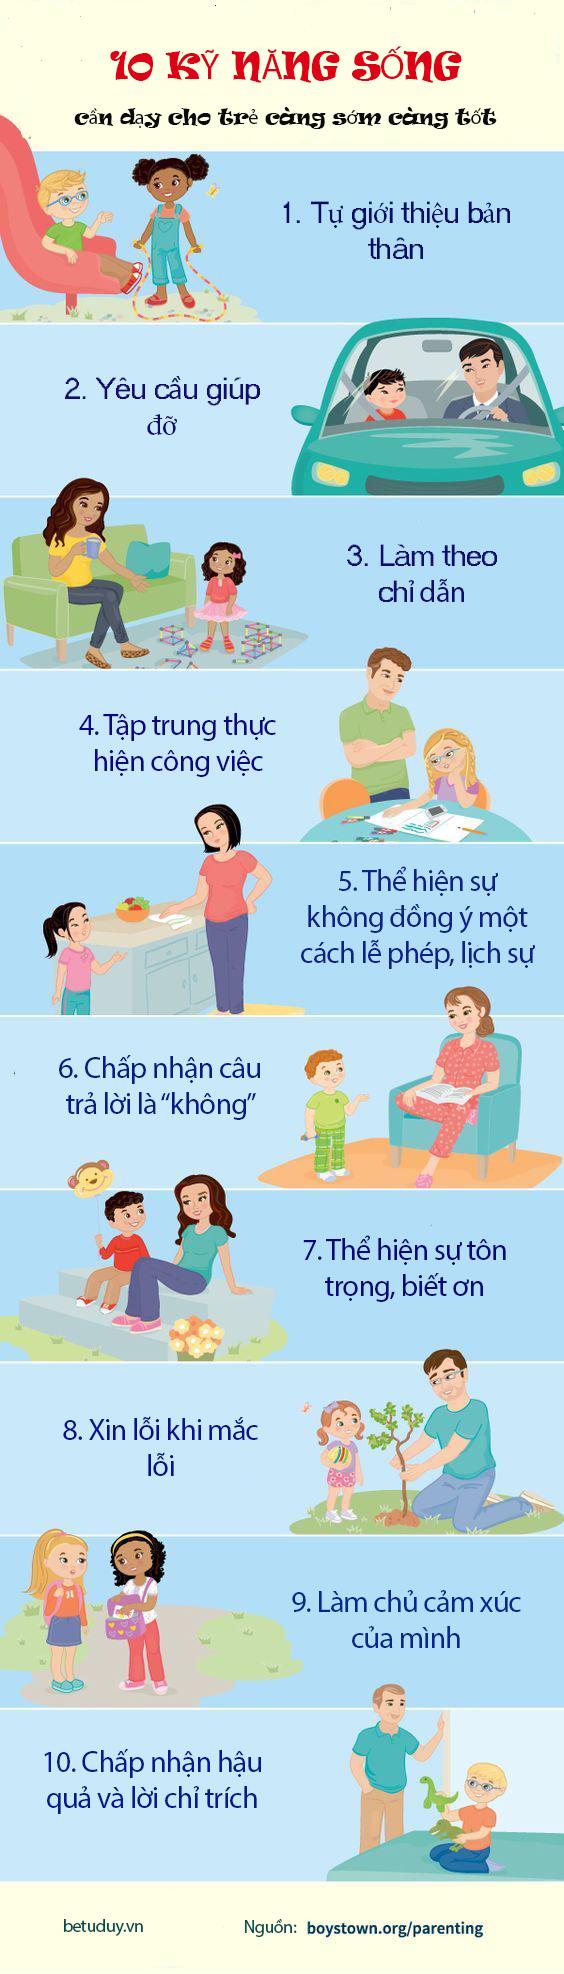 10 kỹ năng sống quan trọng cho trẻ